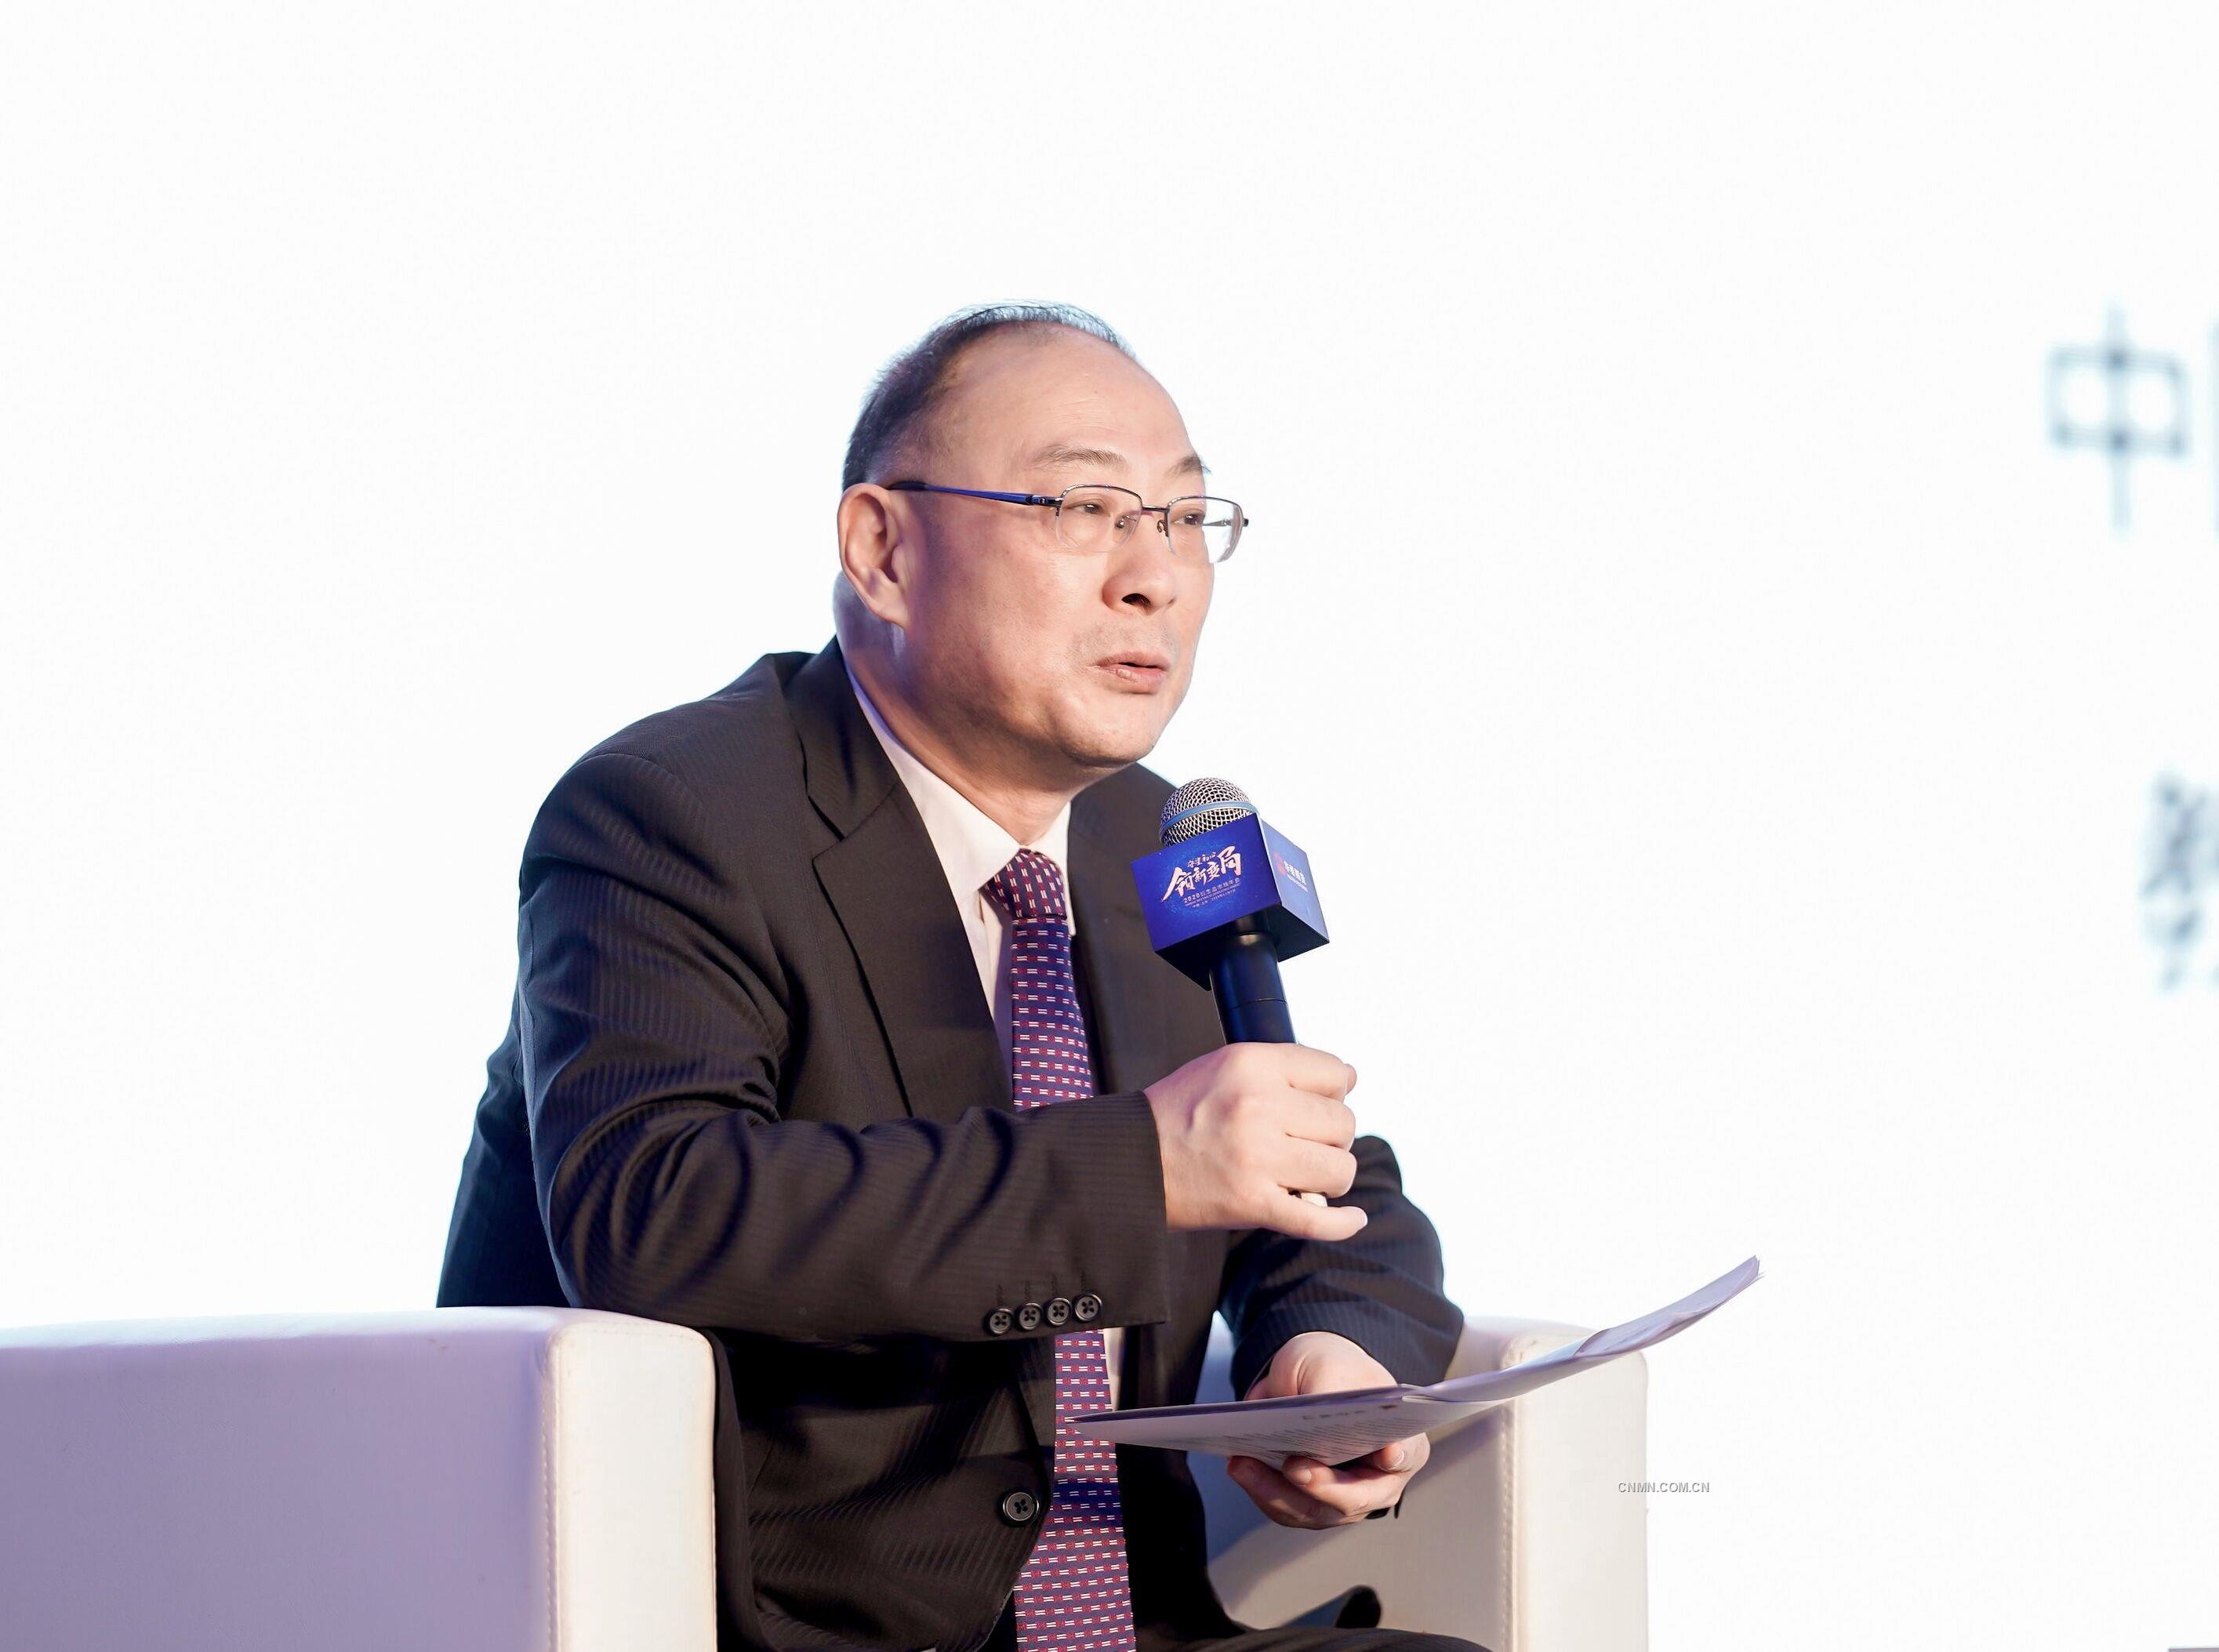 中国人民大学国际关系学院副院长、中国人民大学中国对外战略研究中心主任 金灿荣